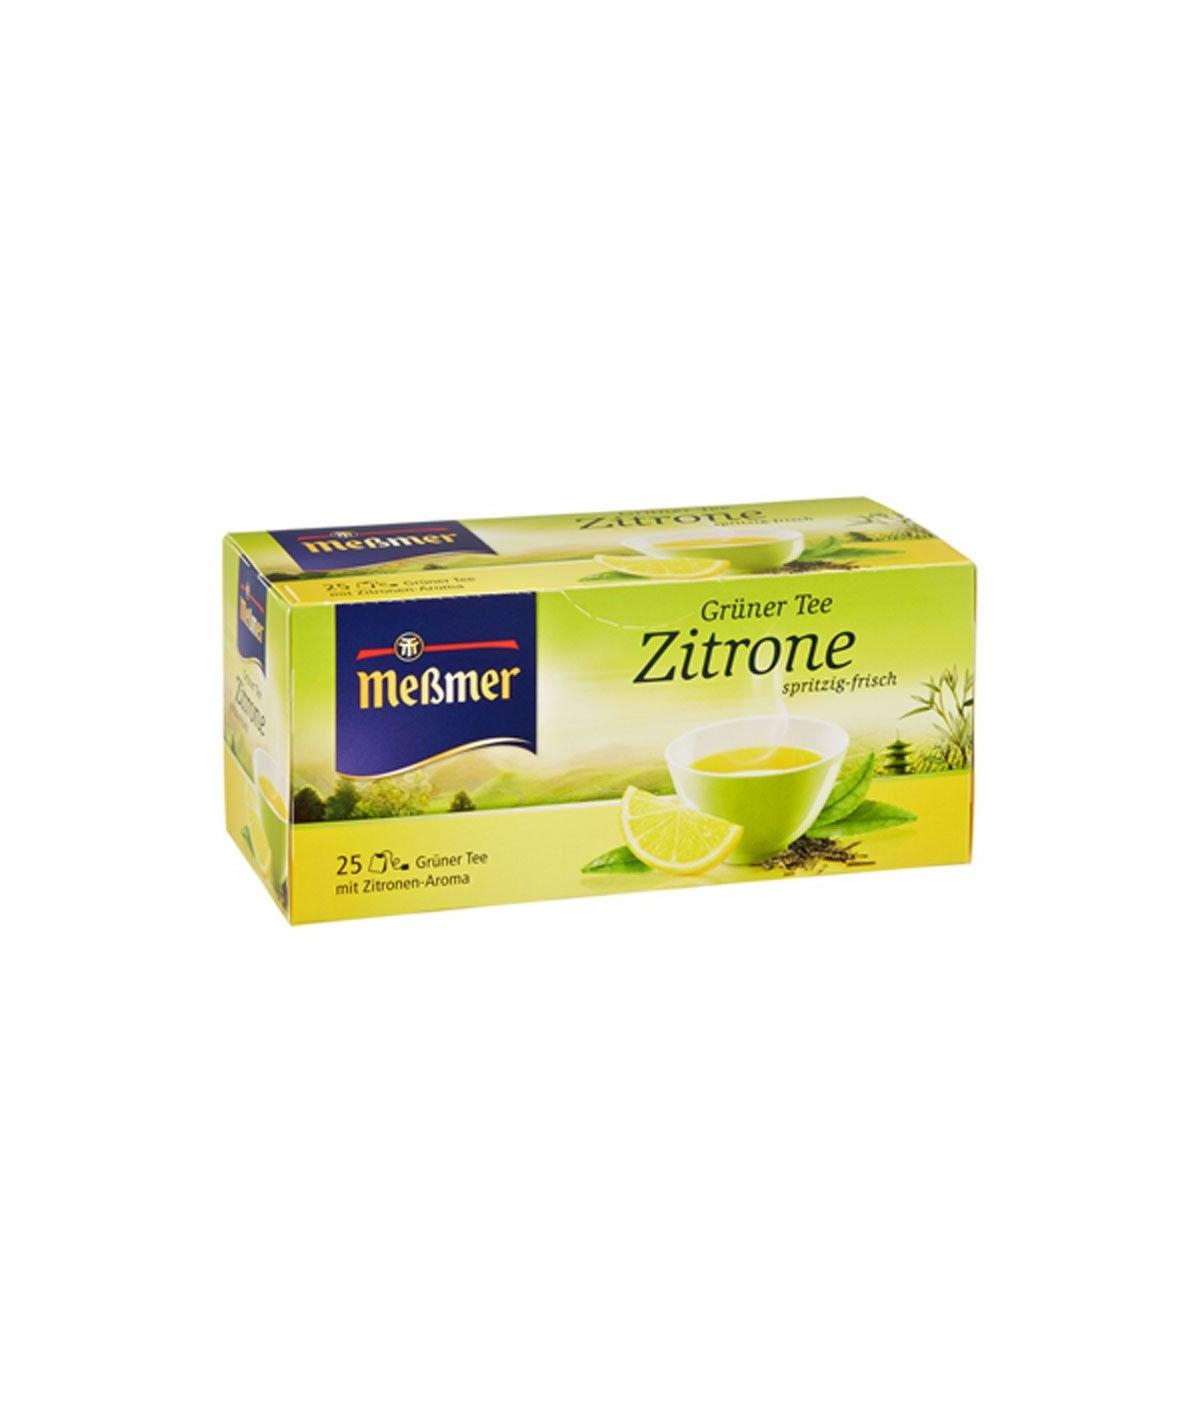 Grüner Tee Zitrone...